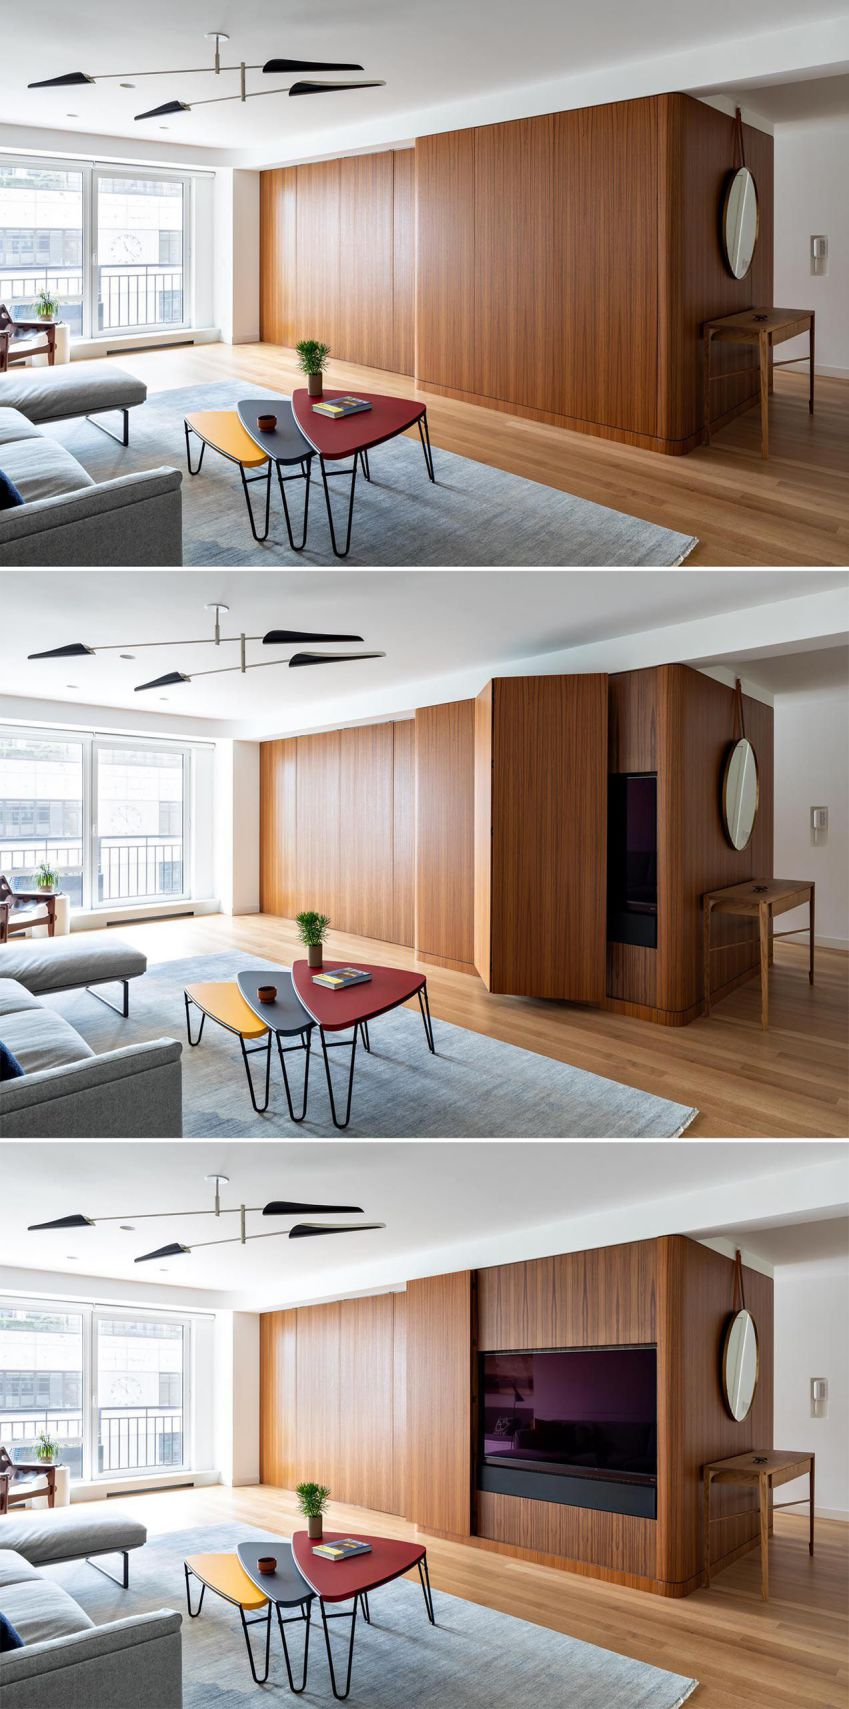 طراحی داخلی آپارتمان با مکعب چوبی